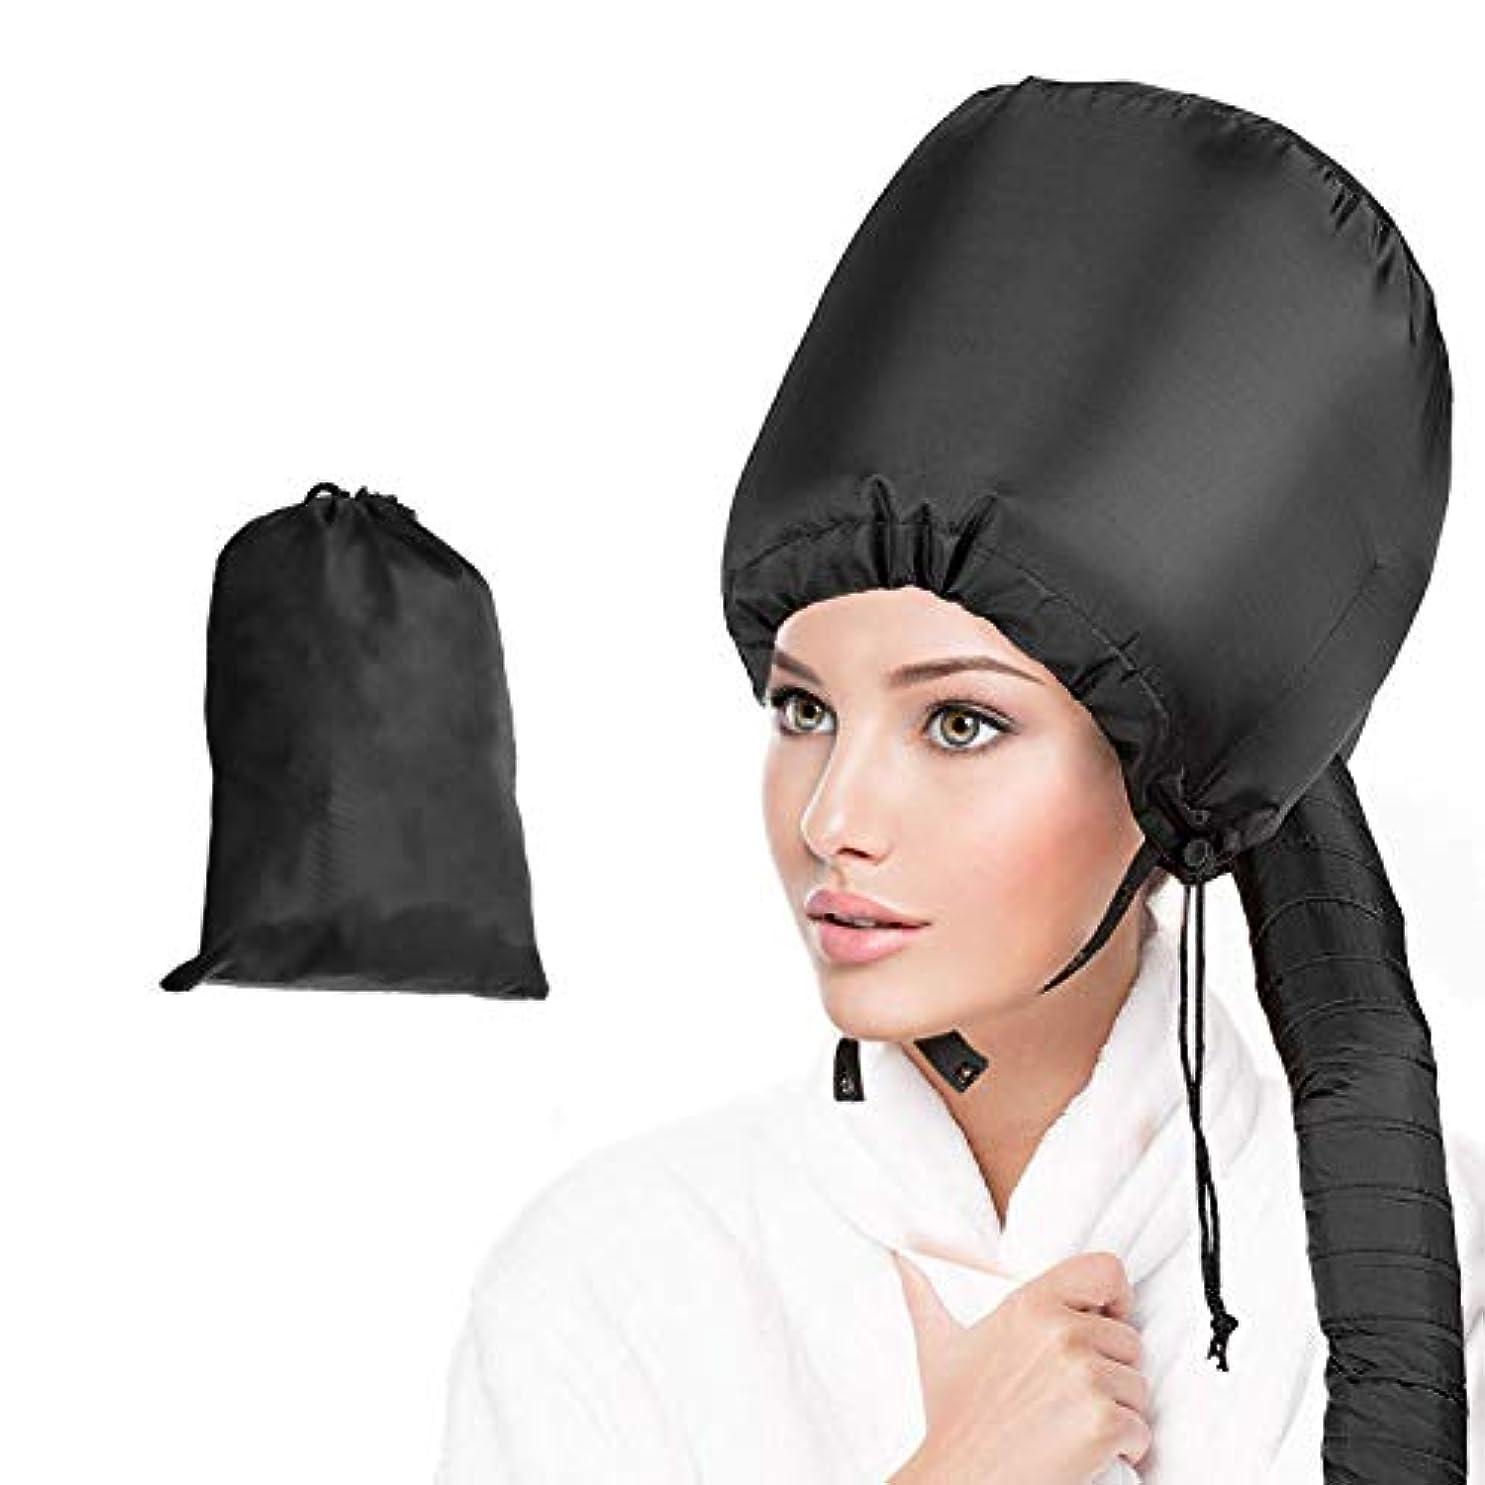 パステルチャペル貯水池Weanas ヘアドライヤーキャップ 髪干し帽子 髪ケア ホームサロン 携帯収納ケース付き